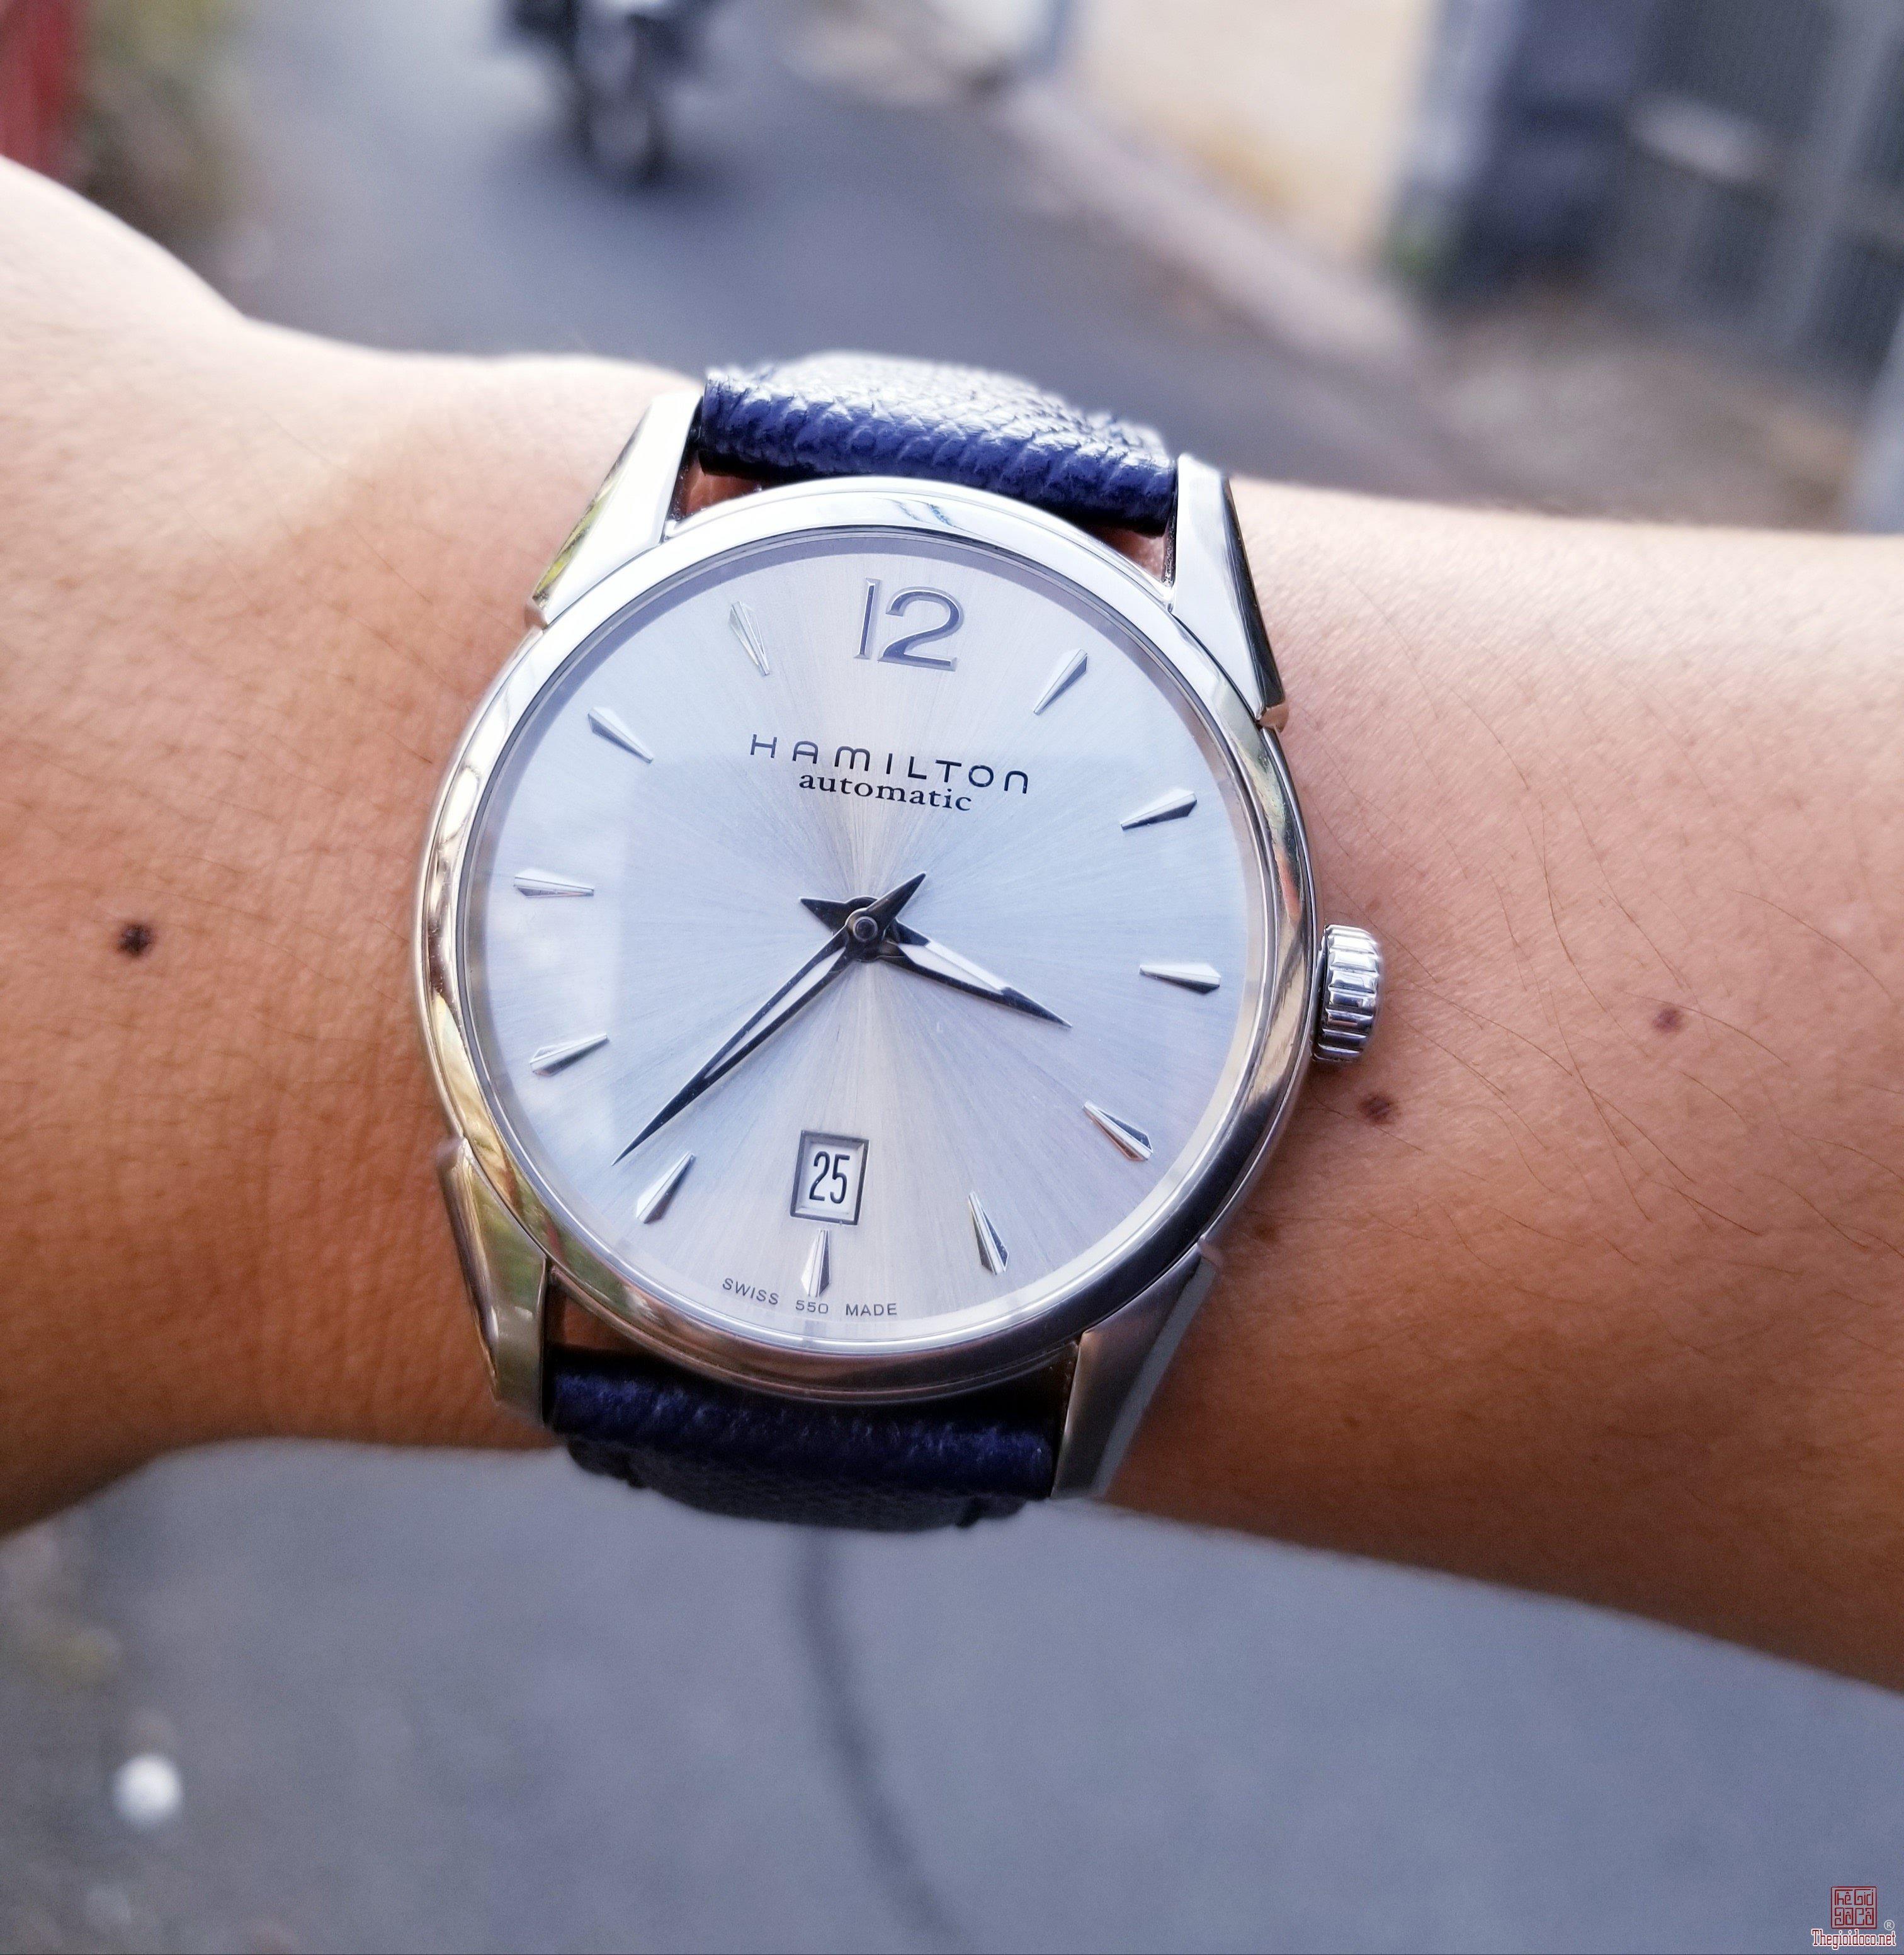 Đồng hồ tự động HAMILTON Thụy Sỹ